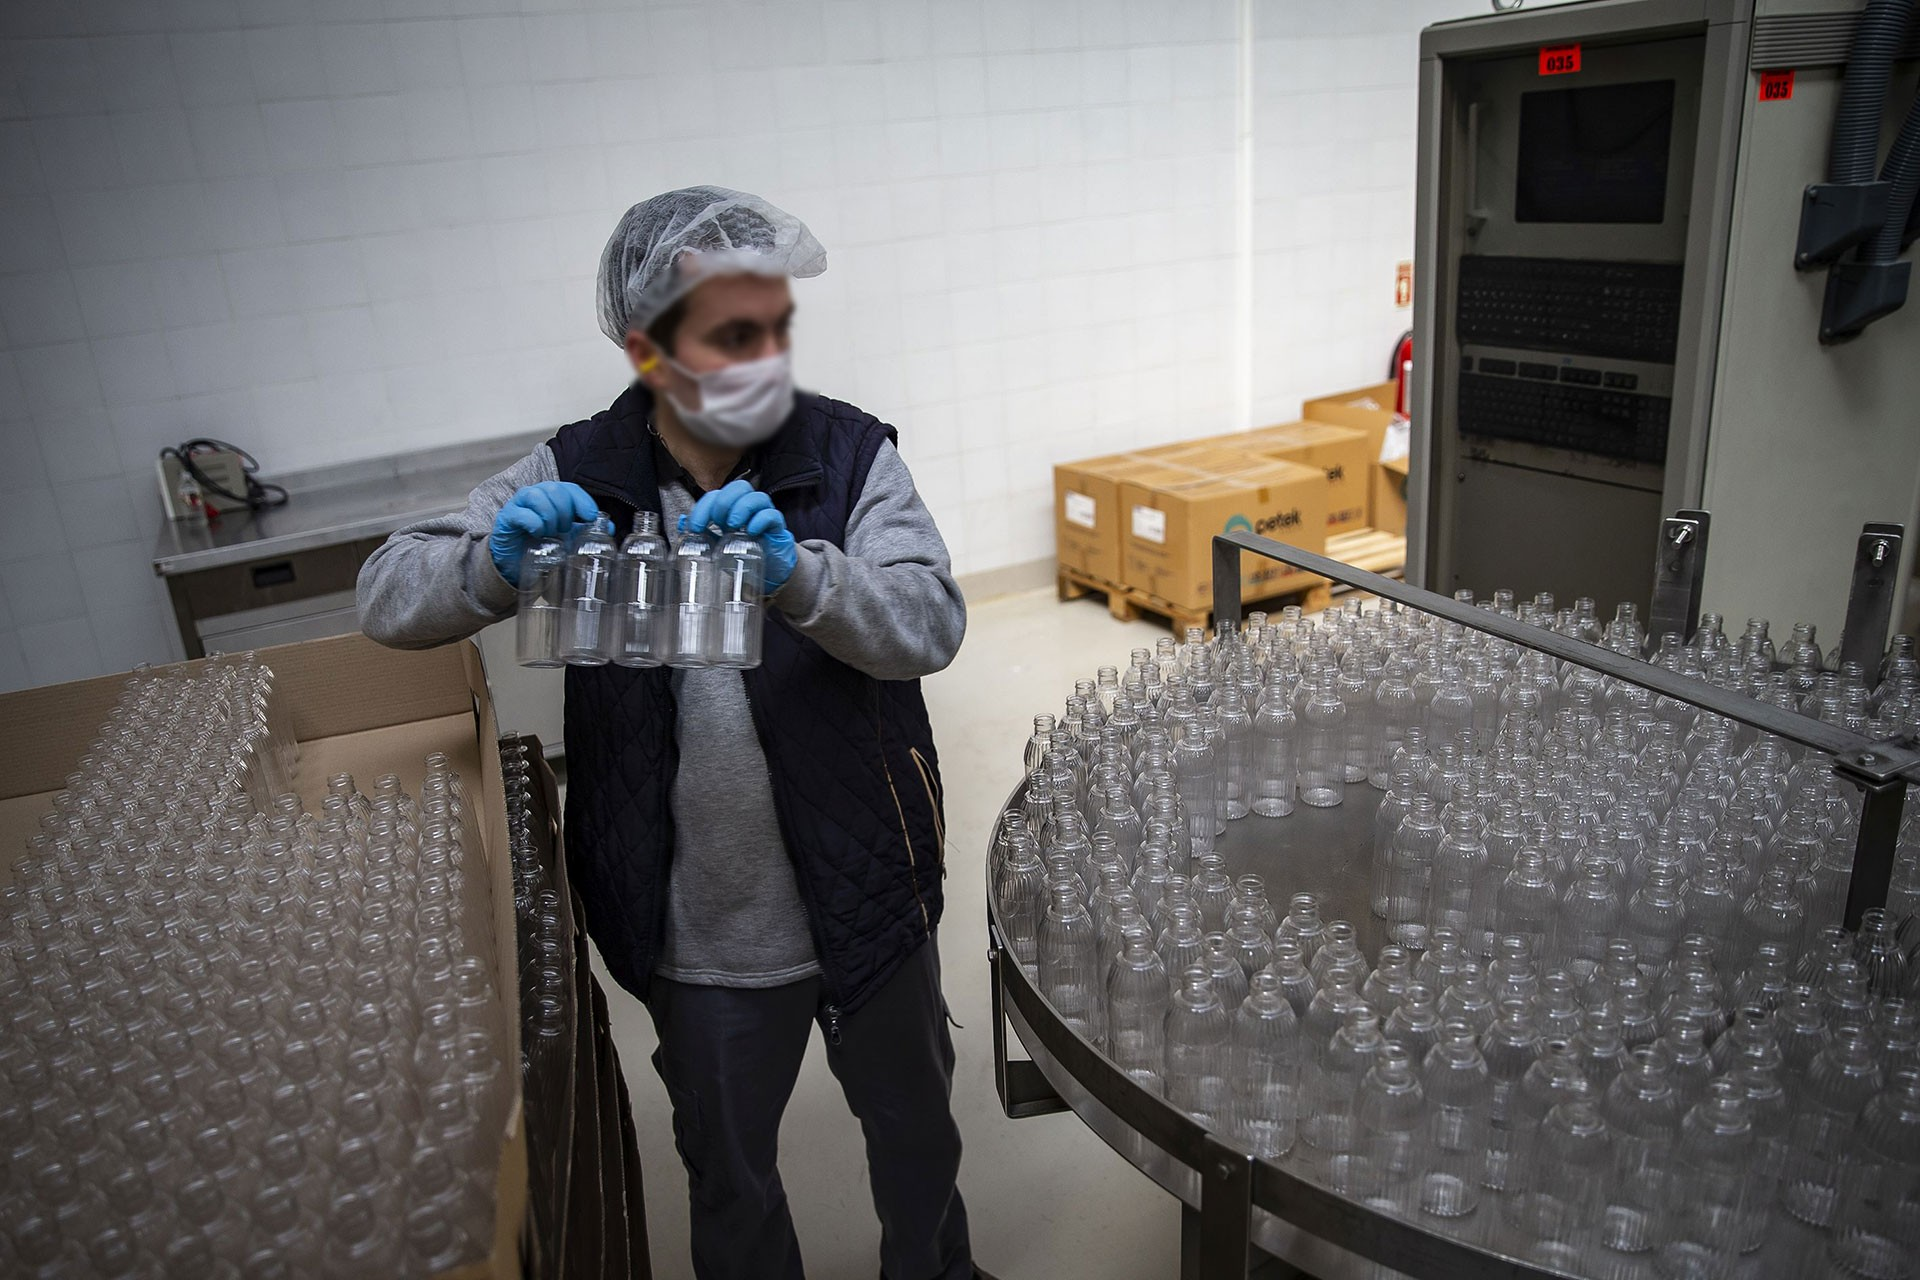 Fabrikada çalışan erkek bir işçi